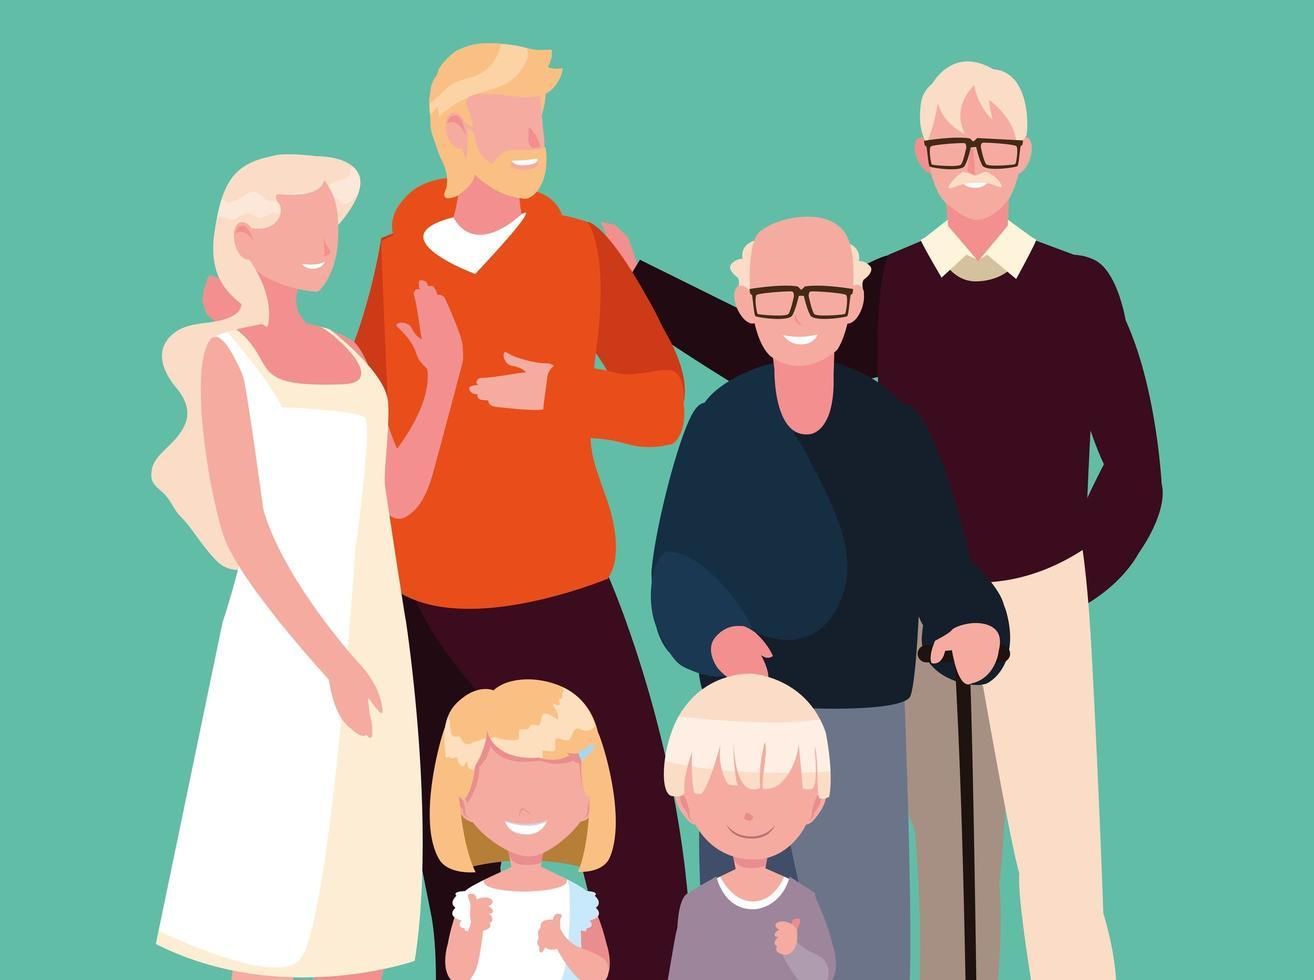 niedliche Familienmitglieder Avatar Charakter vektor